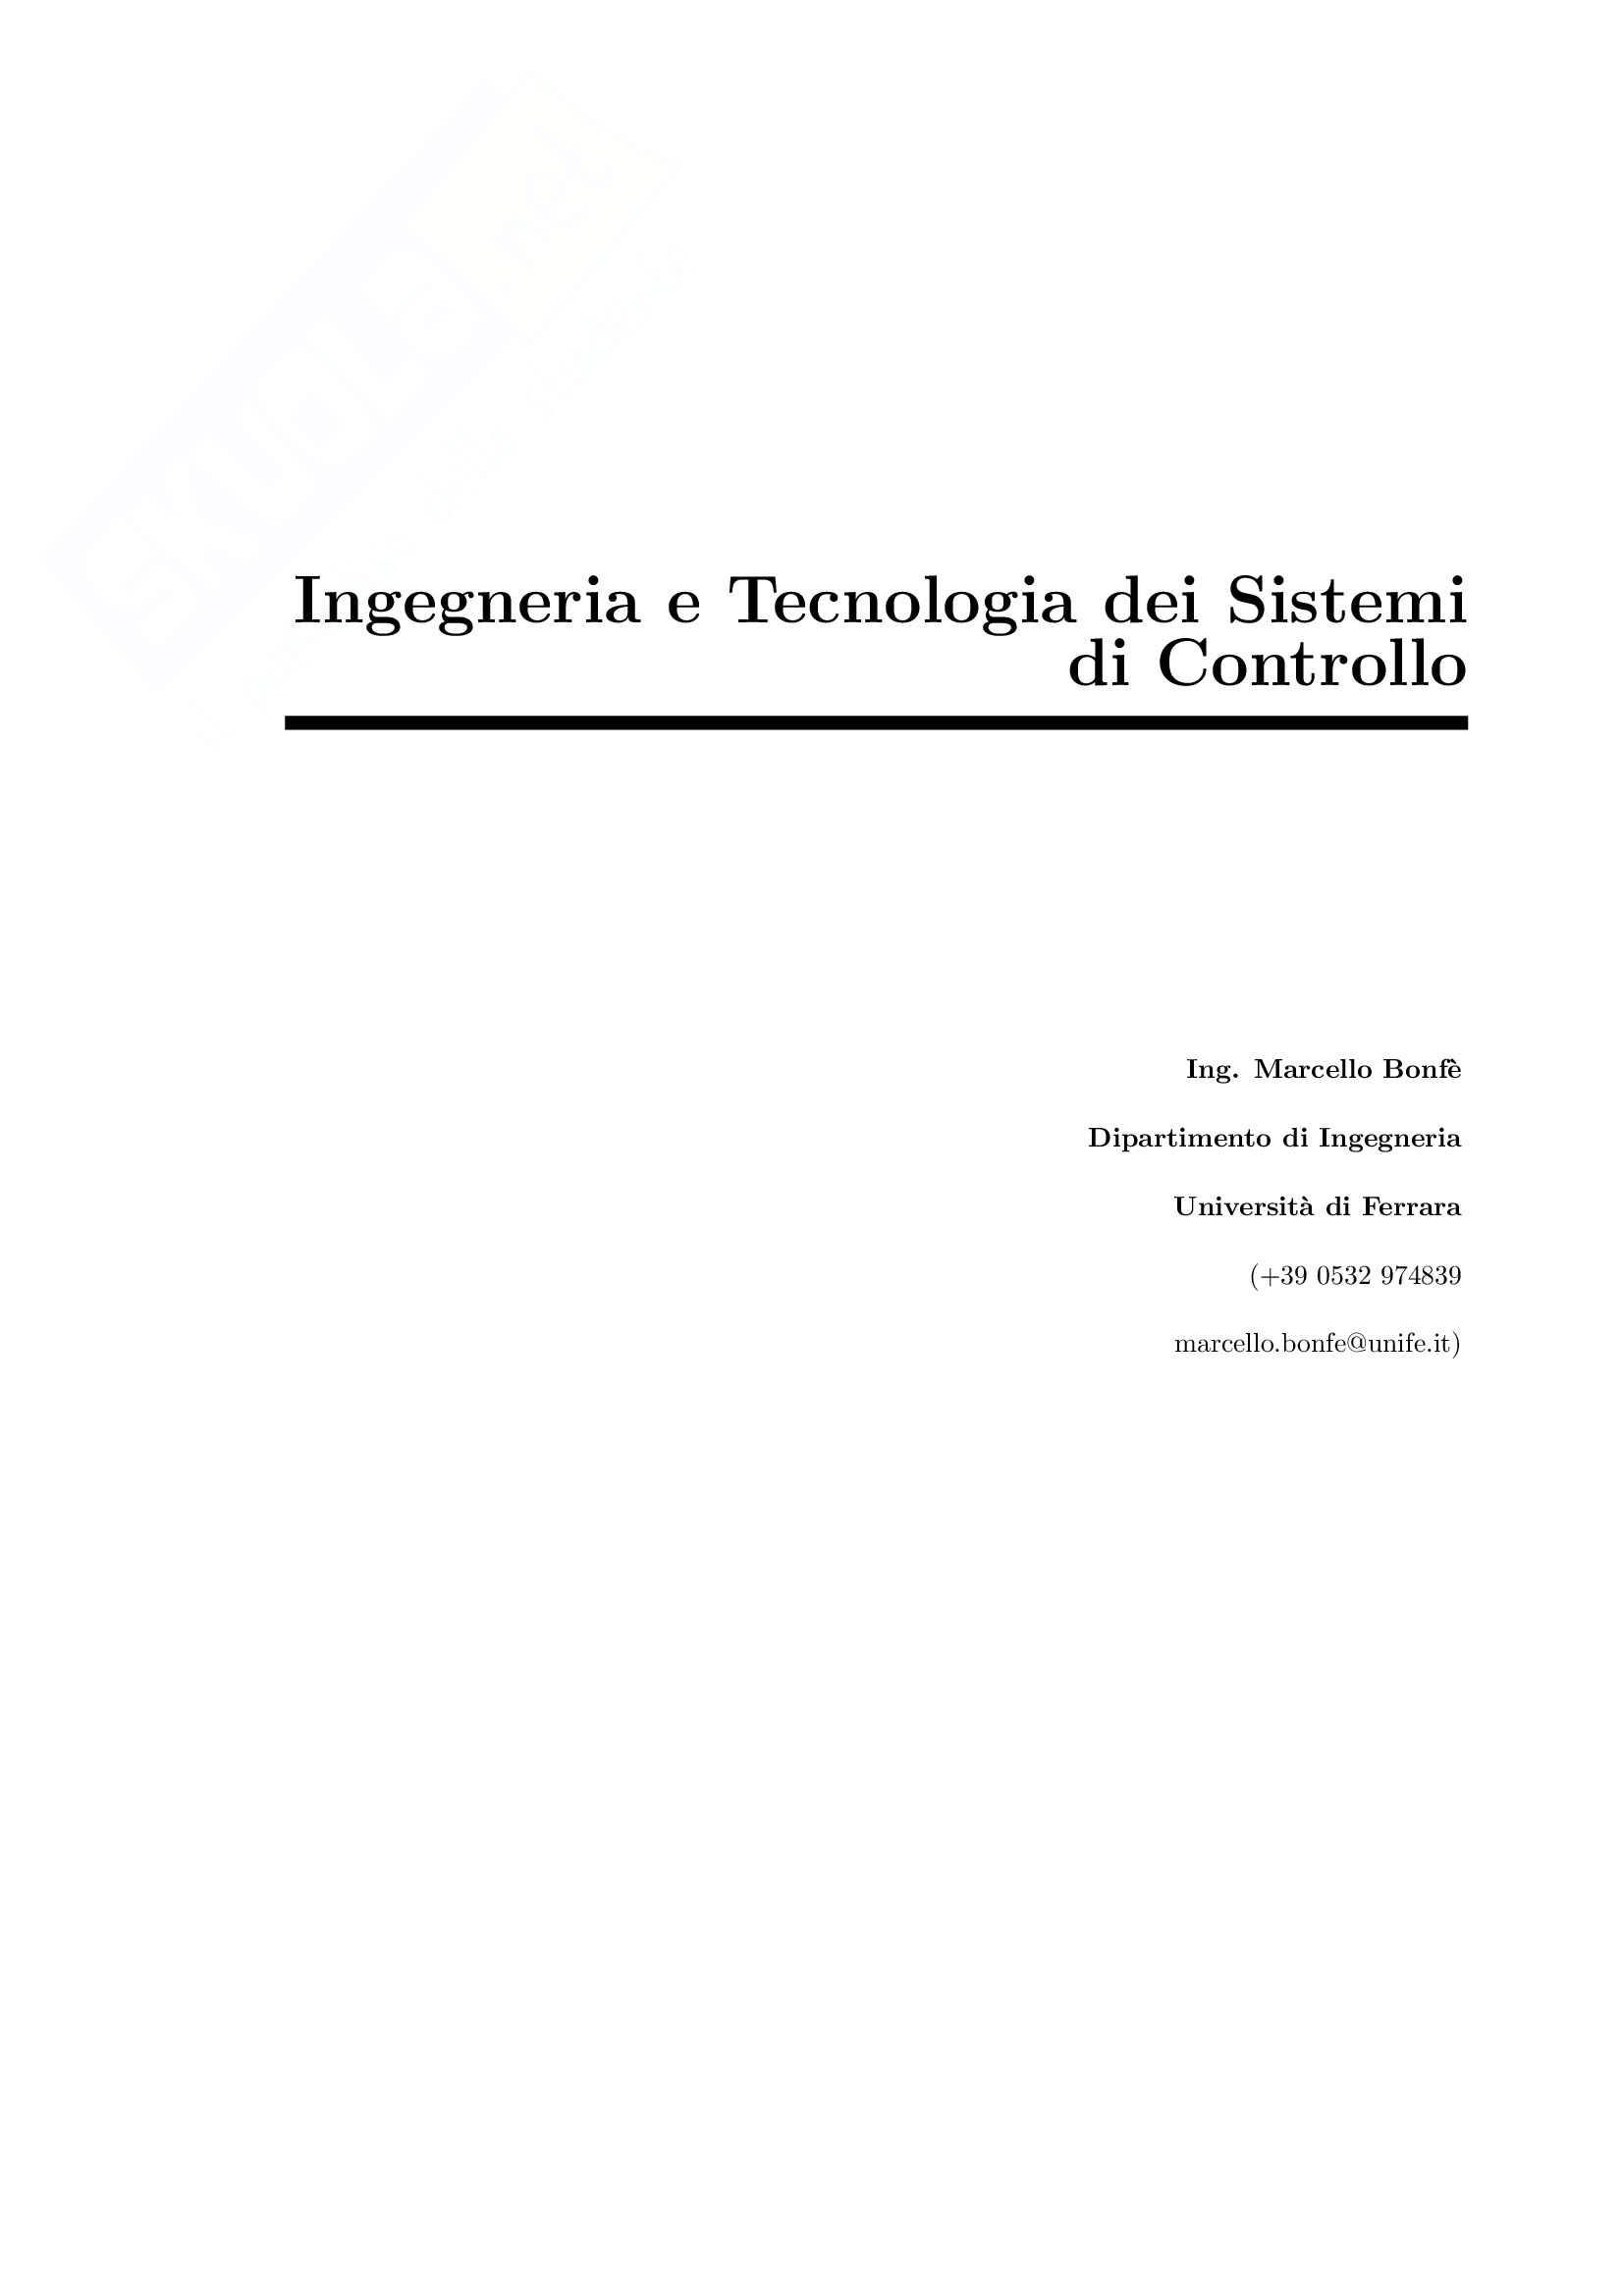 Ingegneria e tecnologia dei sistemi di controllo - i sensori di potenziamento